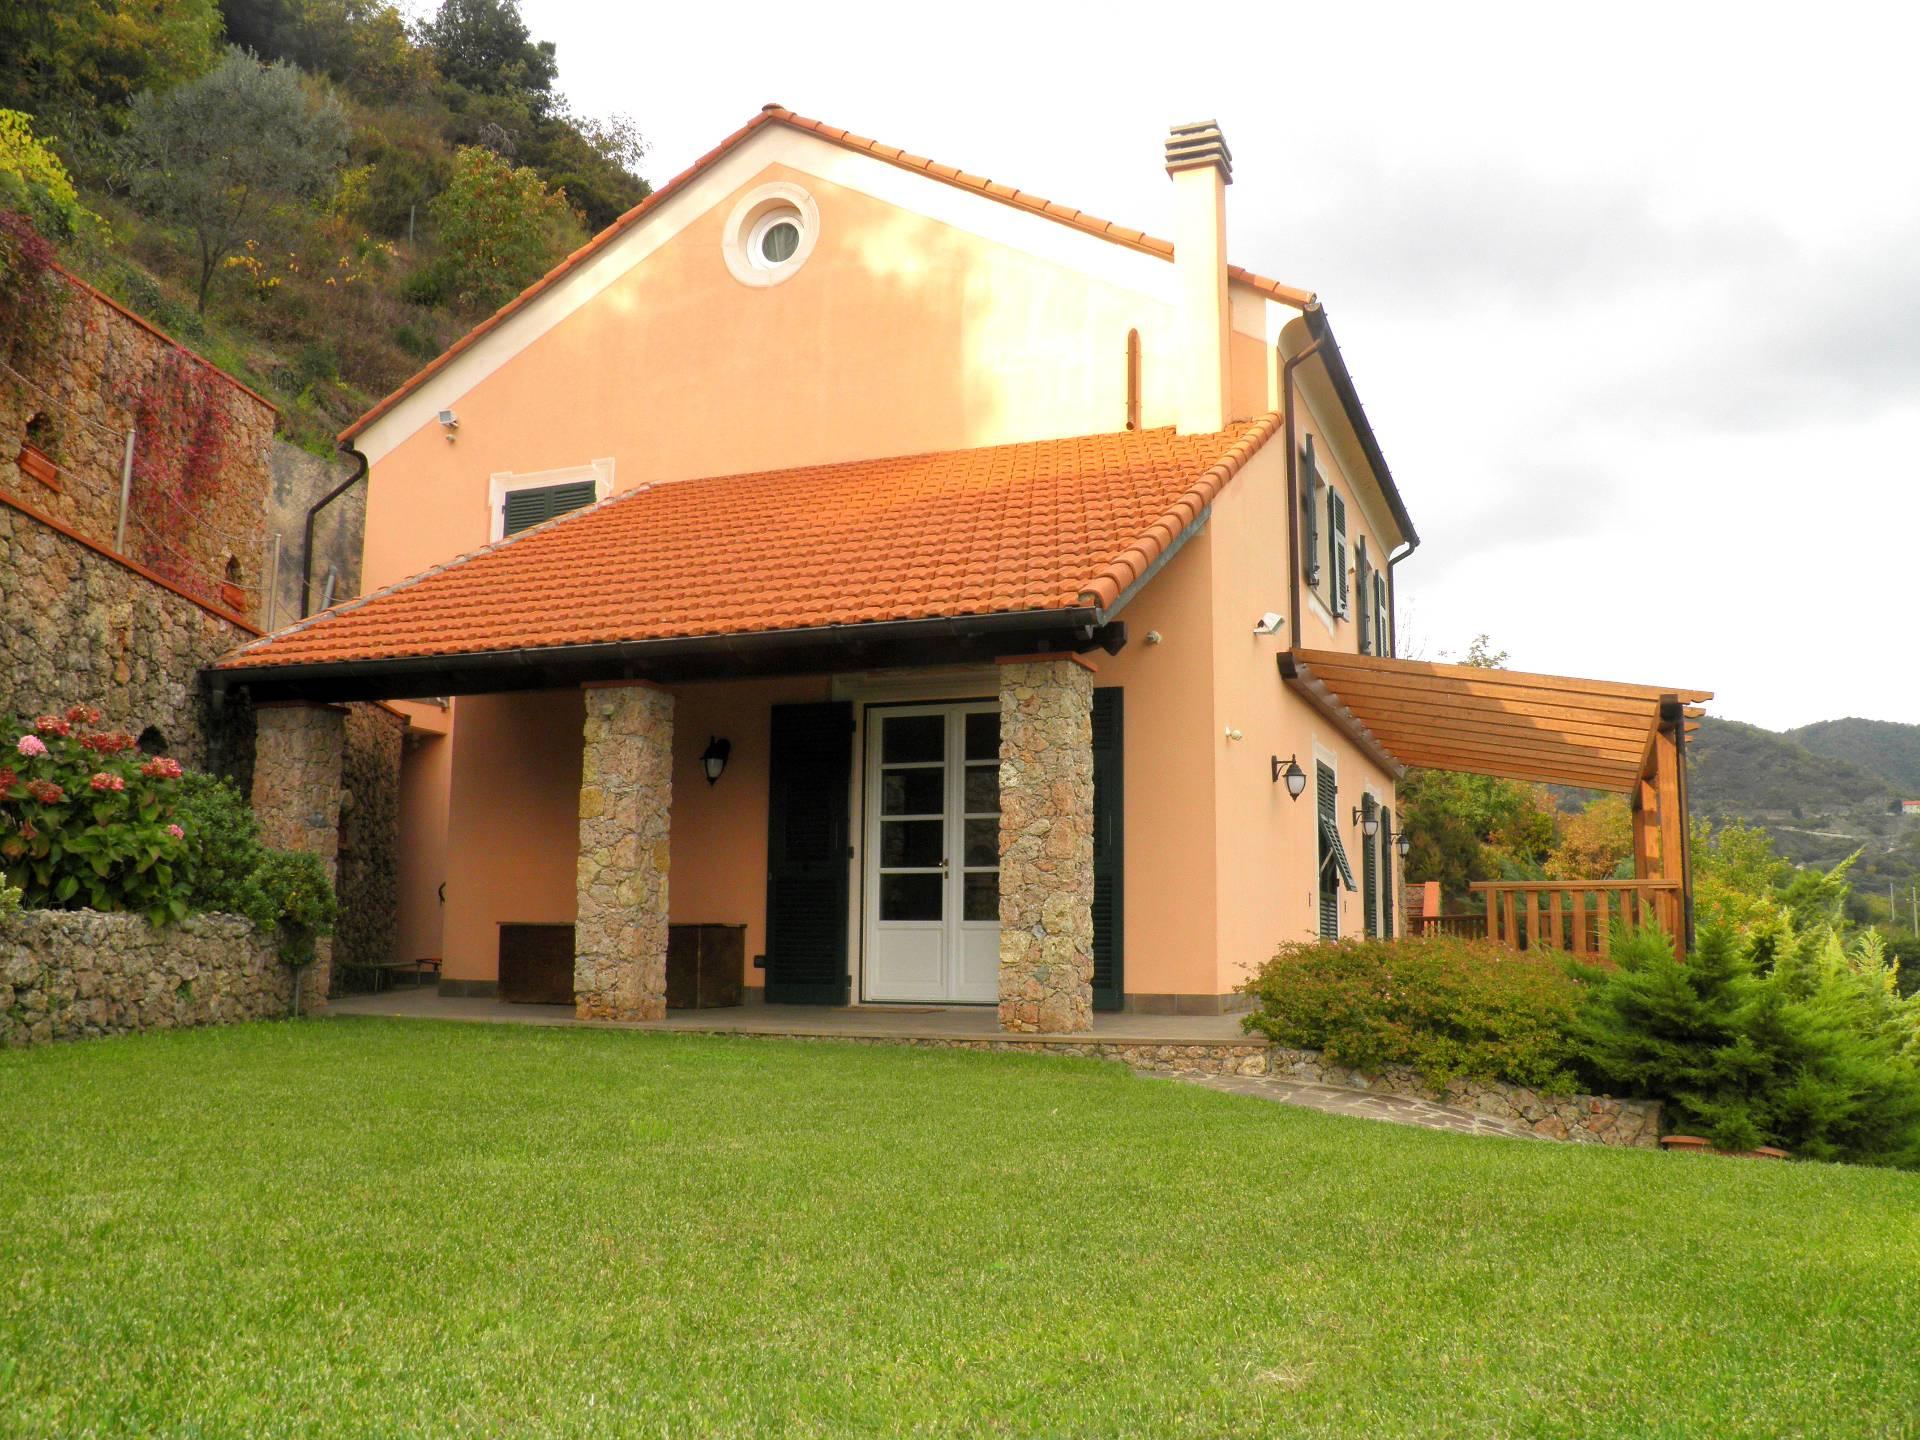 Appartamento in vendita a Albisola Superiore, 6 locali, prezzo € 670.000 | PortaleAgenzieImmobiliari.it